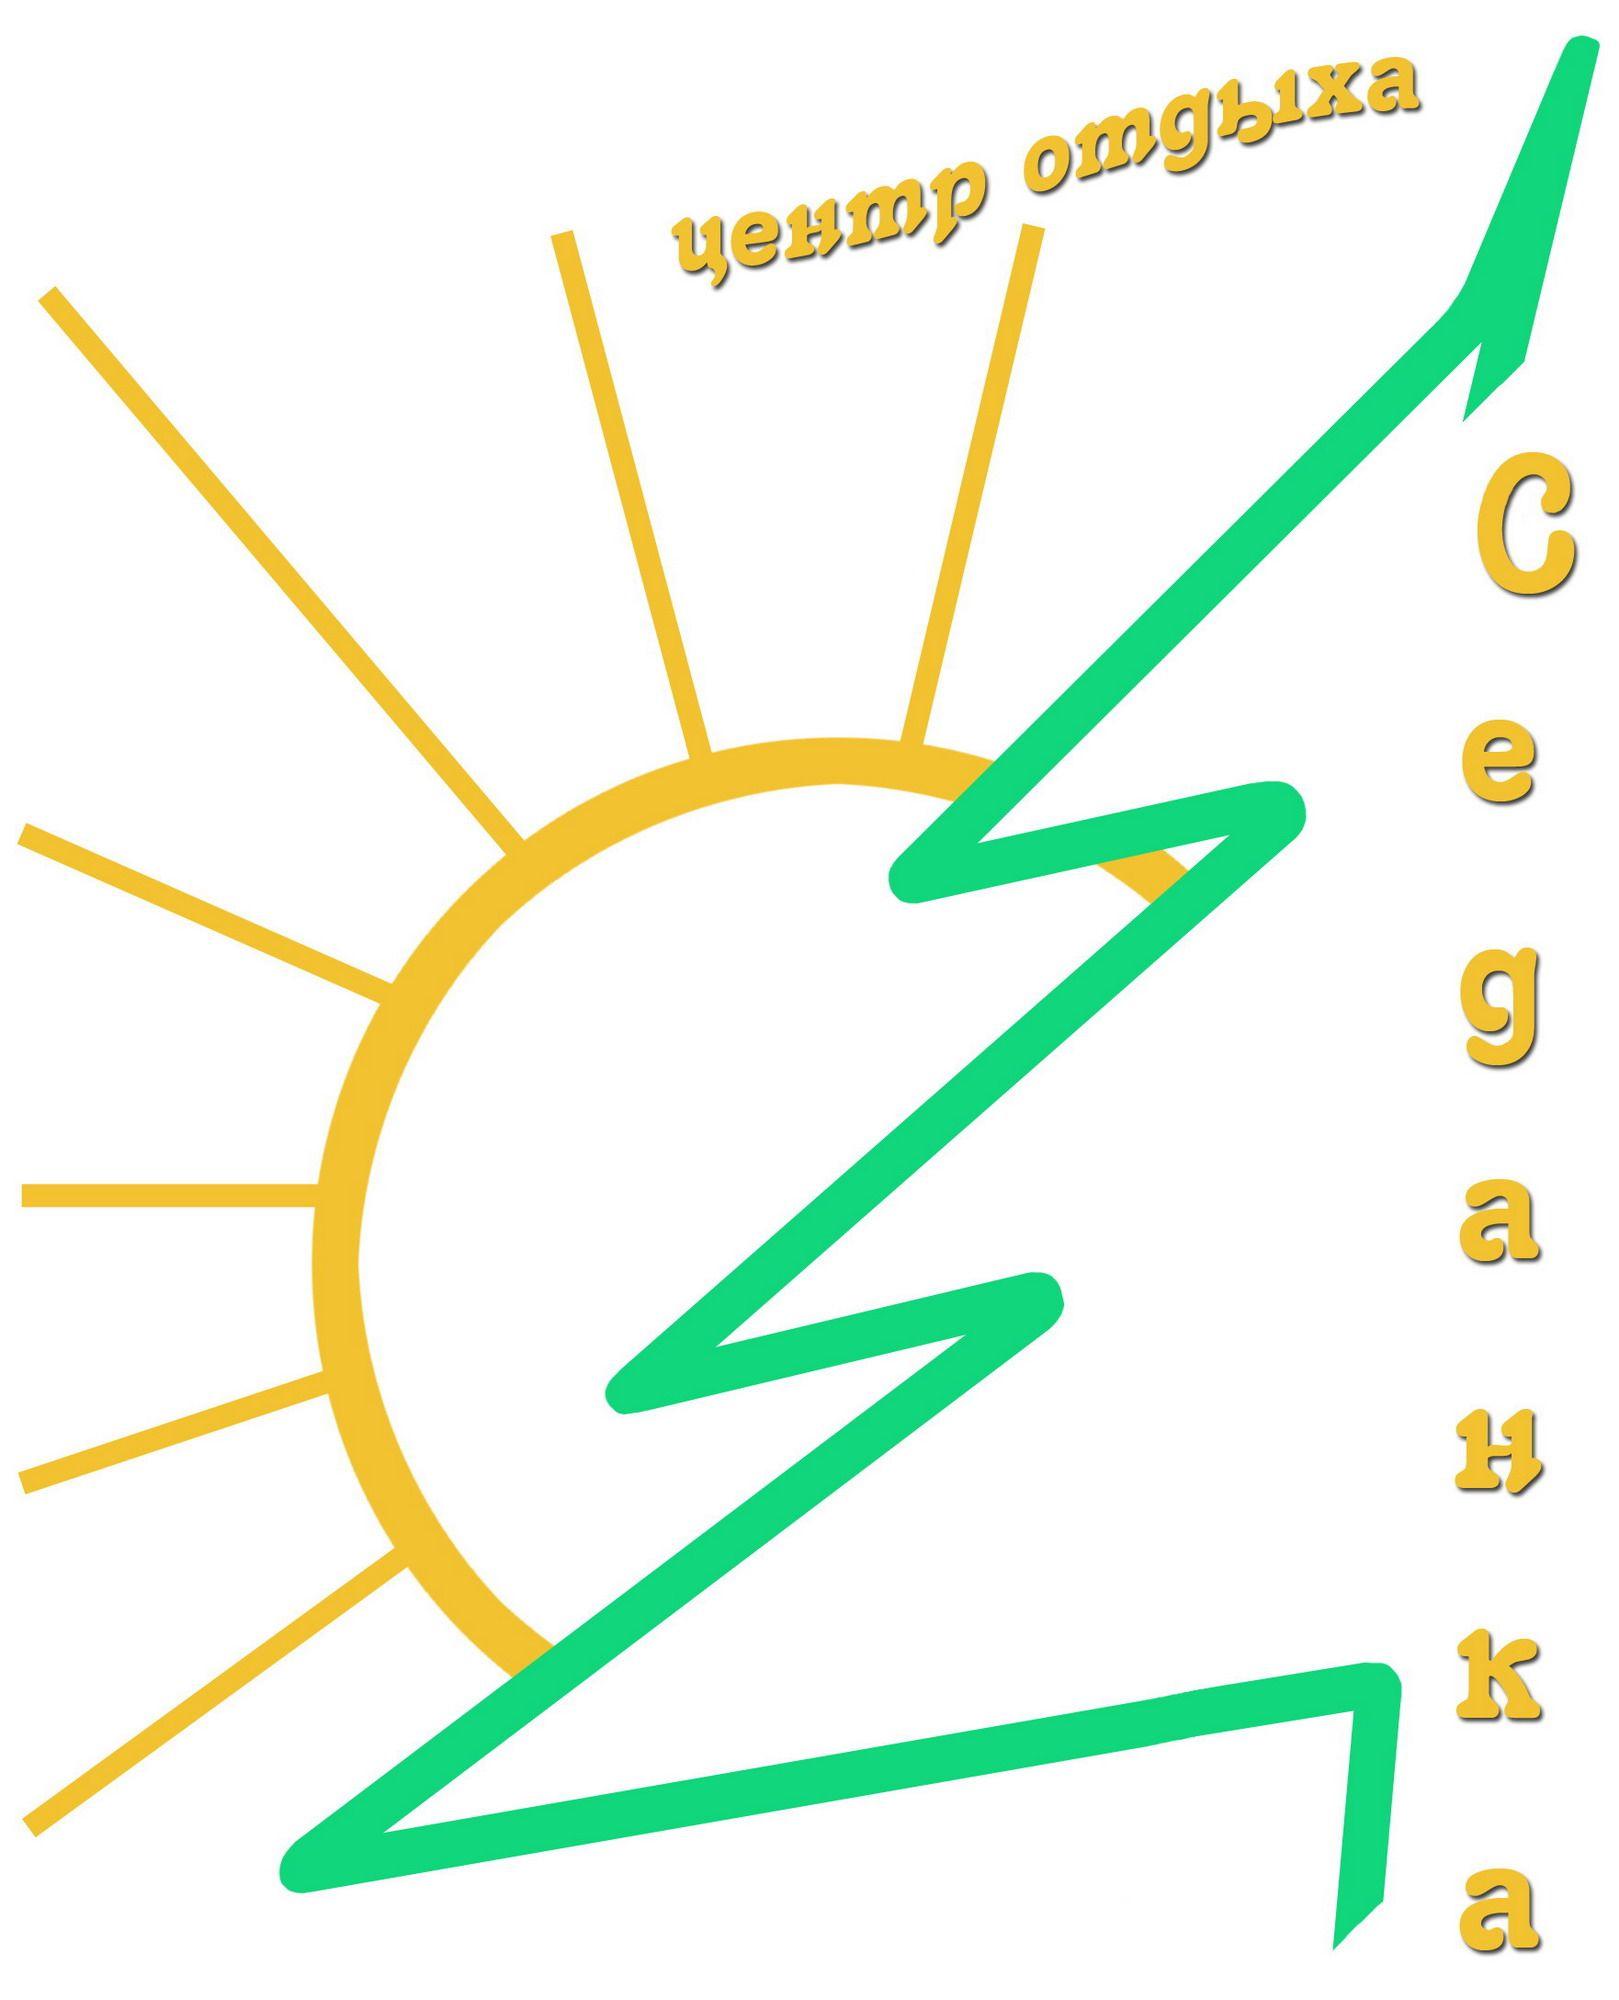 Логотип для центра отдыха - дизайнер DmSvPan